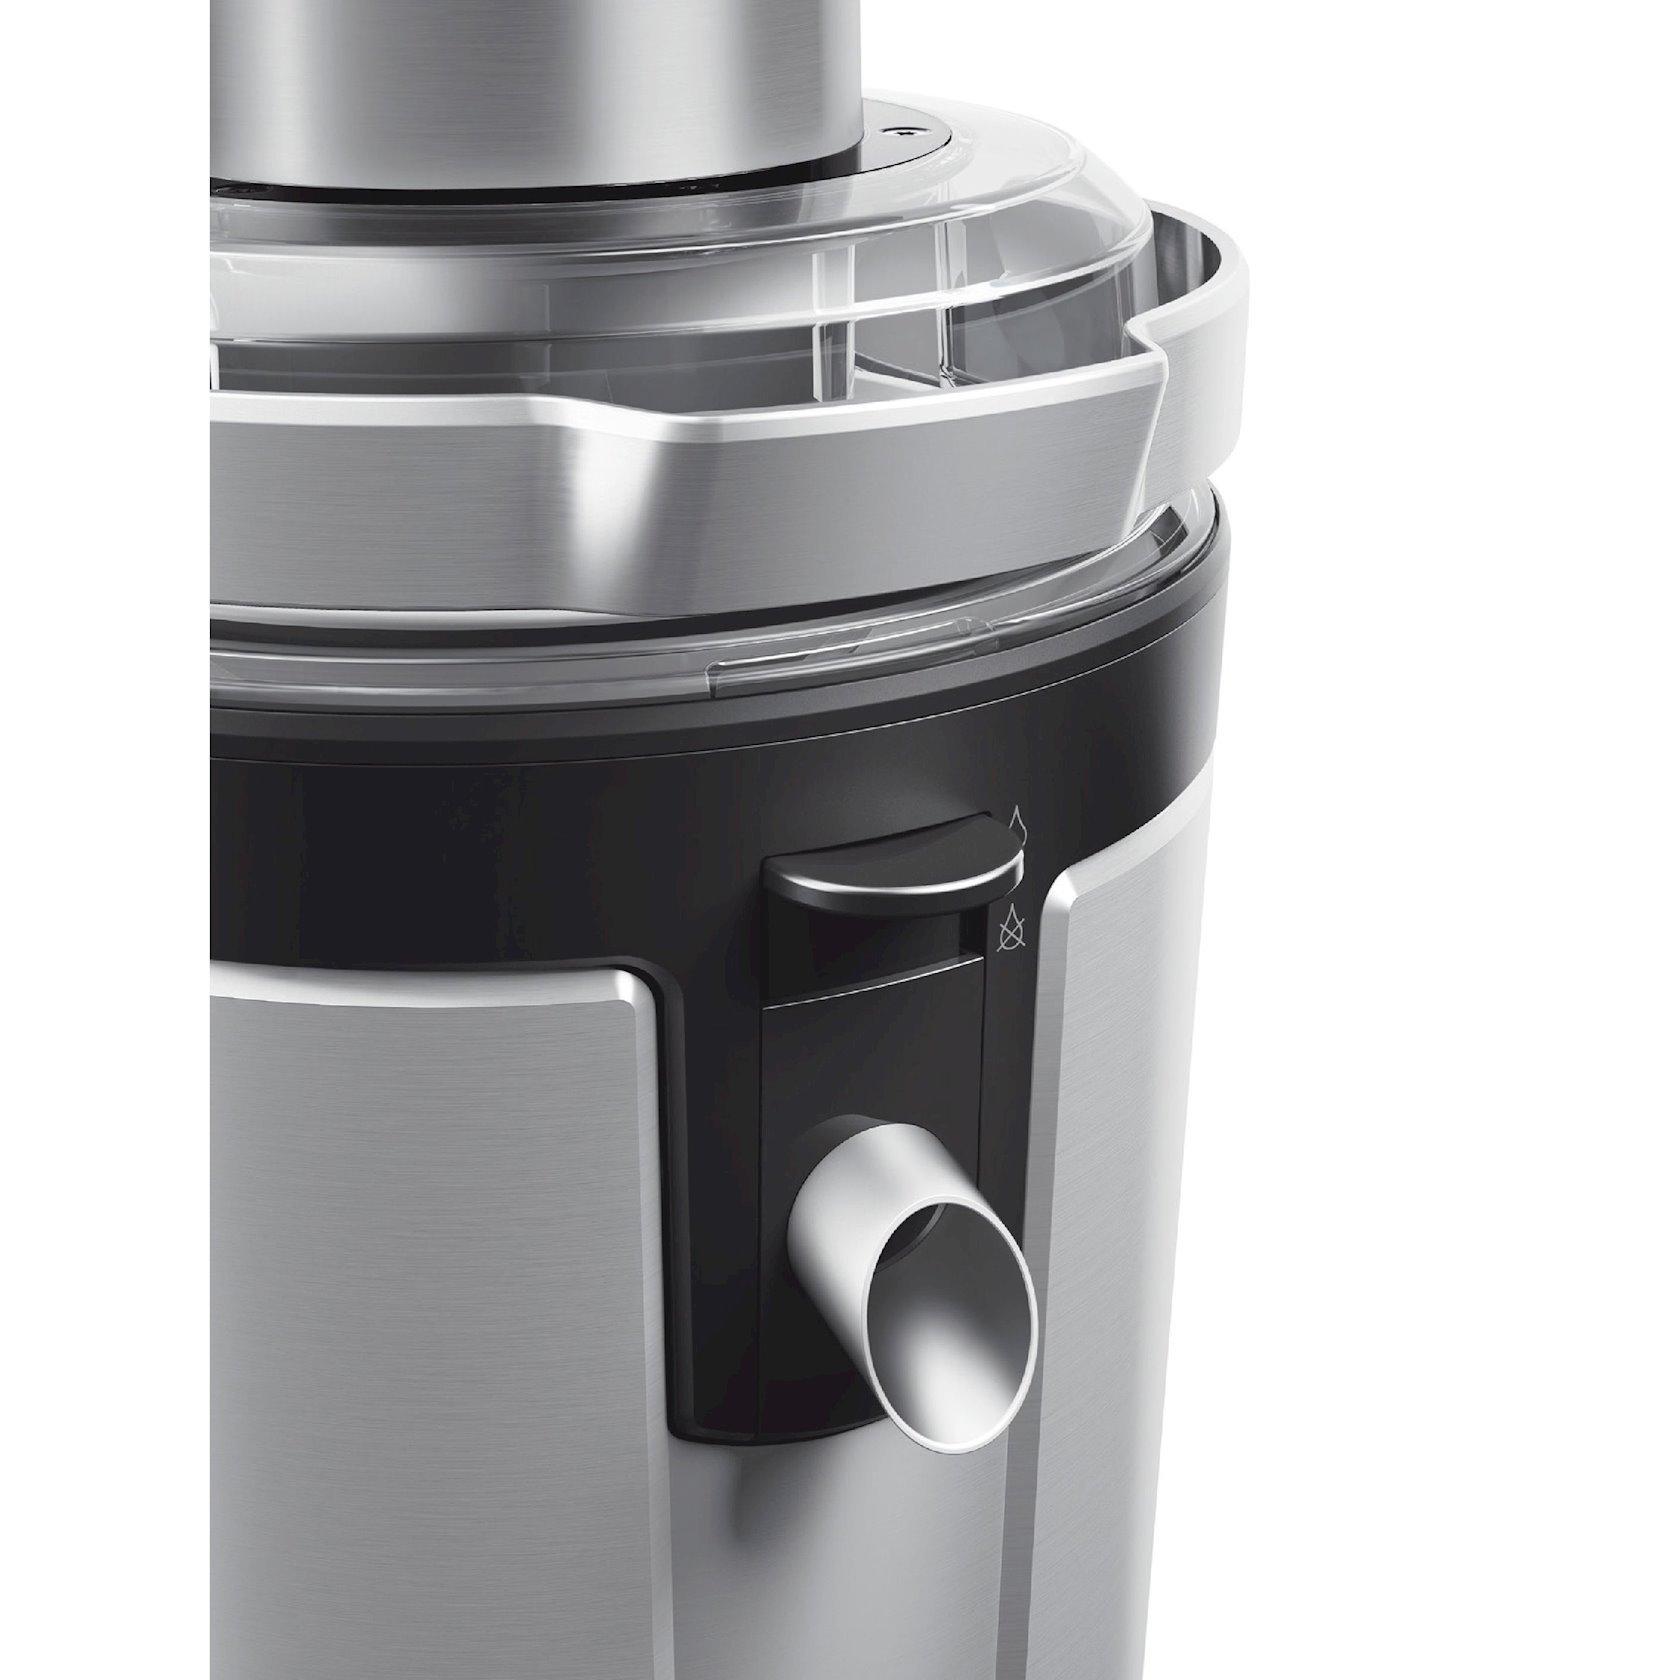 Şirəçəkən Bosch MES4010, Qara, Metalik